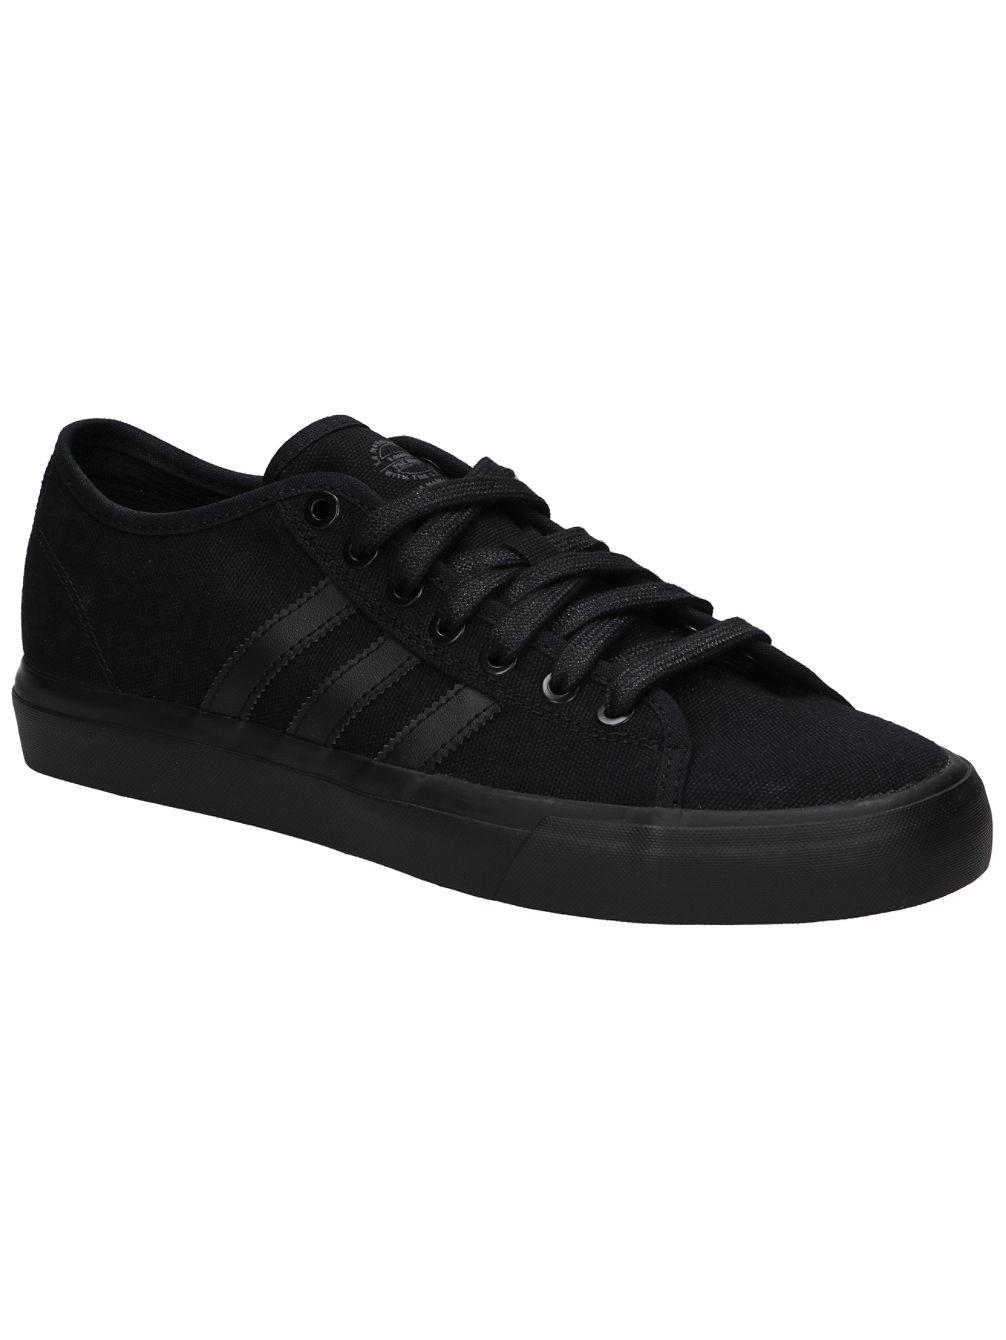 6a3ee61919 adidas Skateboarding Matchcourt RX Skateschuhe online kaufen bei Blue Tomato